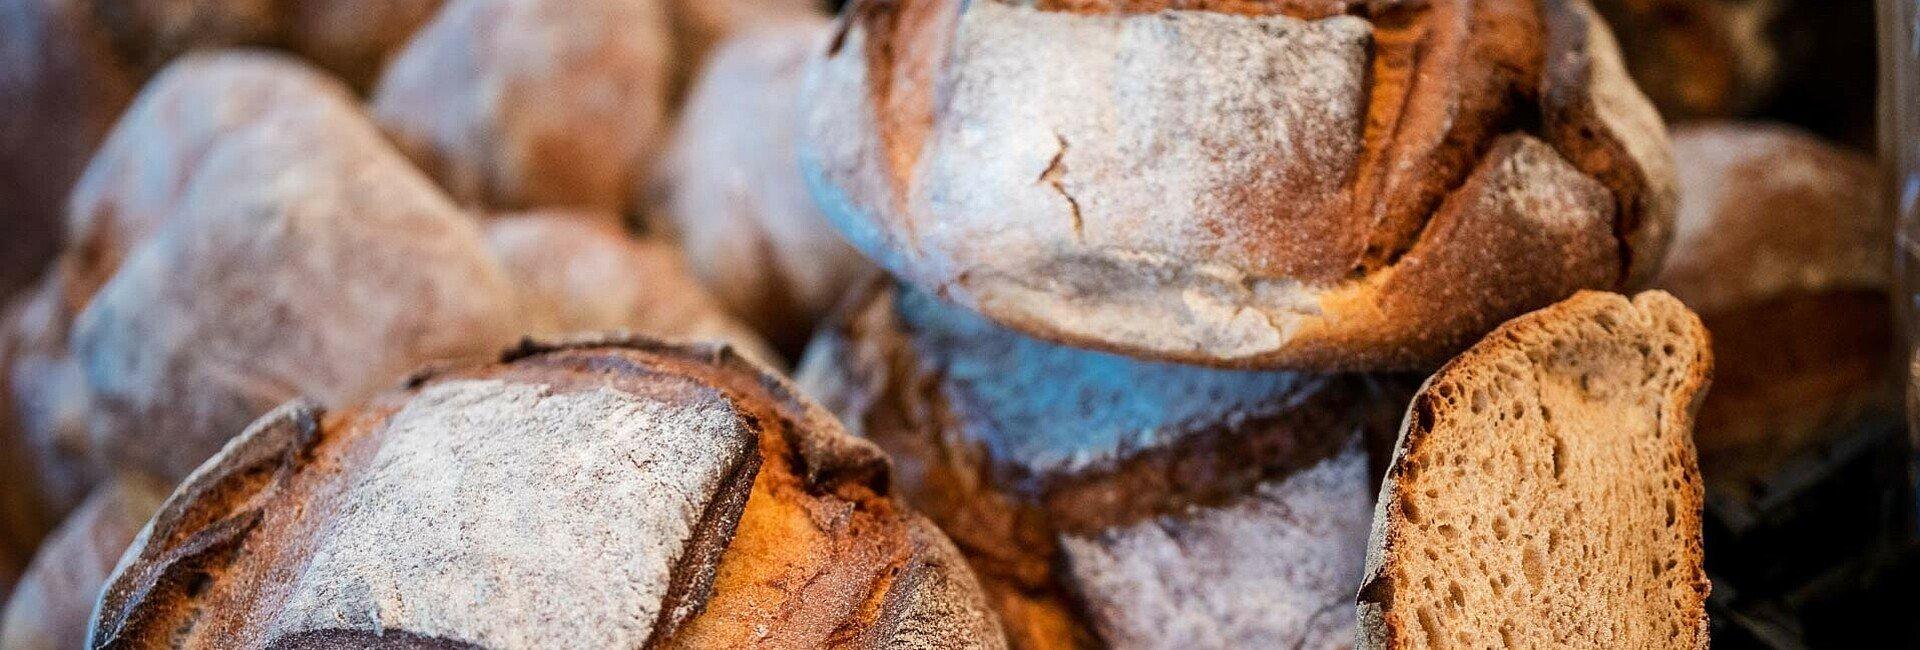 Auch Brot und andere Backwaren werden beim Foodsharing gerettet